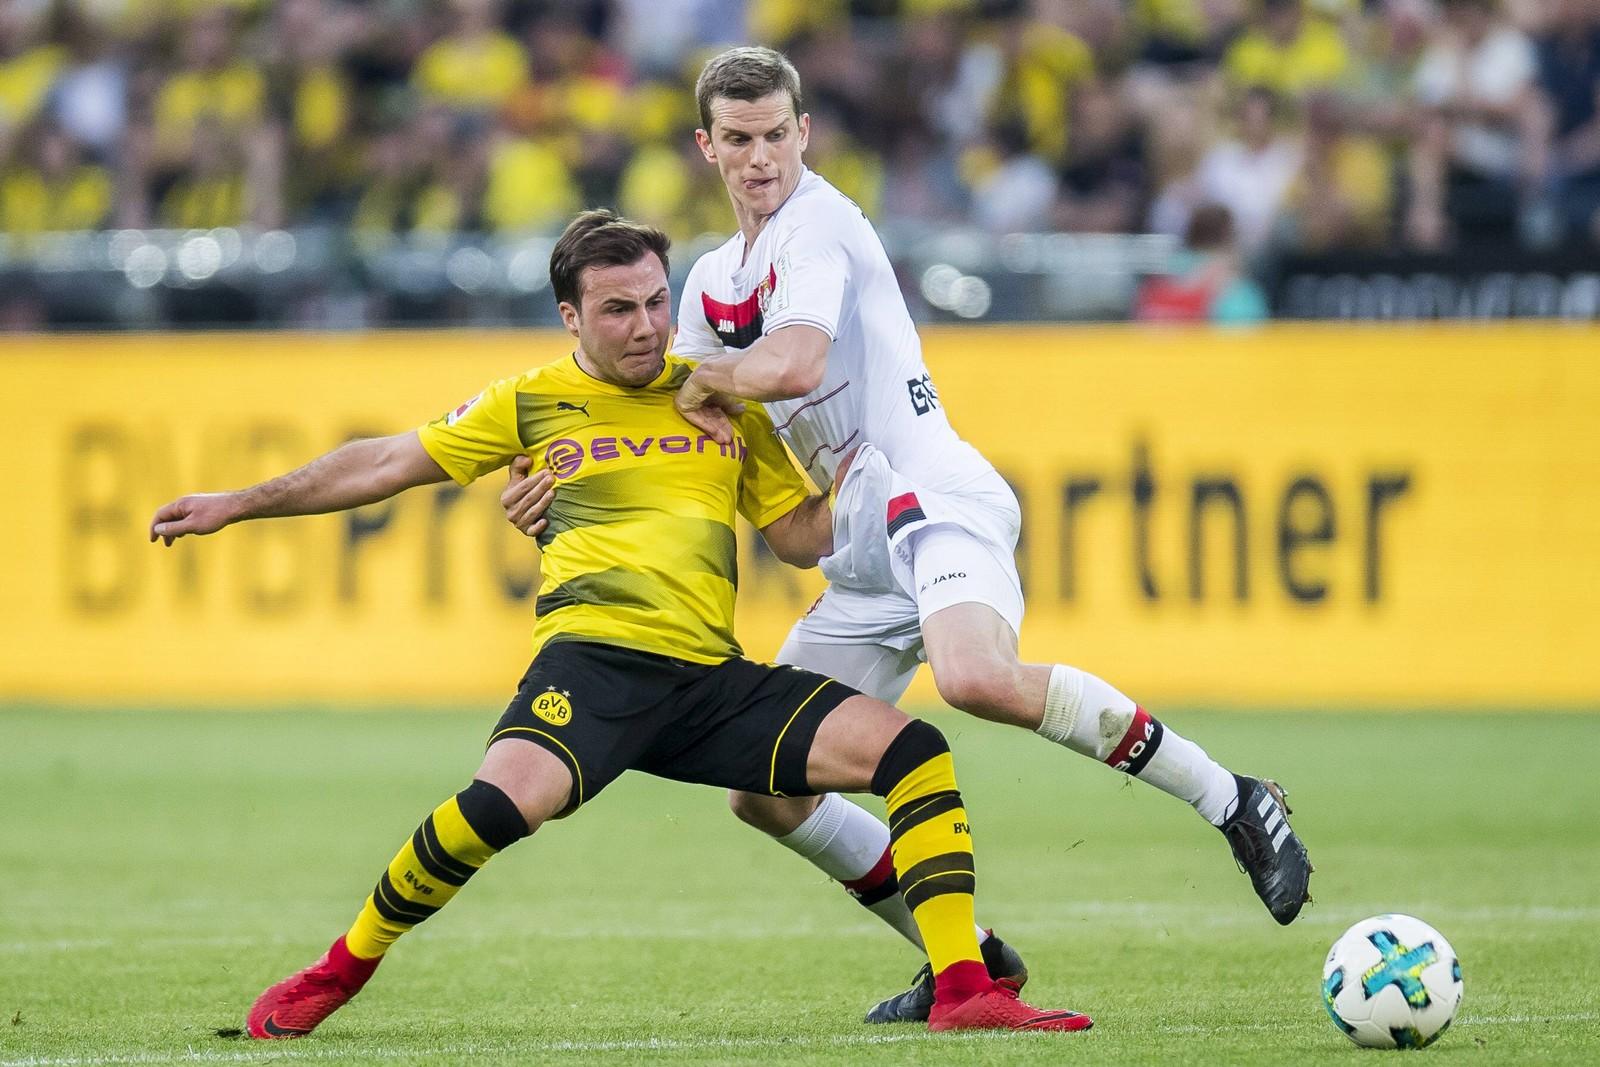 Setzt sich Sven Bender gegen seine Ex-Kollegen durch? Jetzt auf Dortmund gegen Leverkusen wetten!